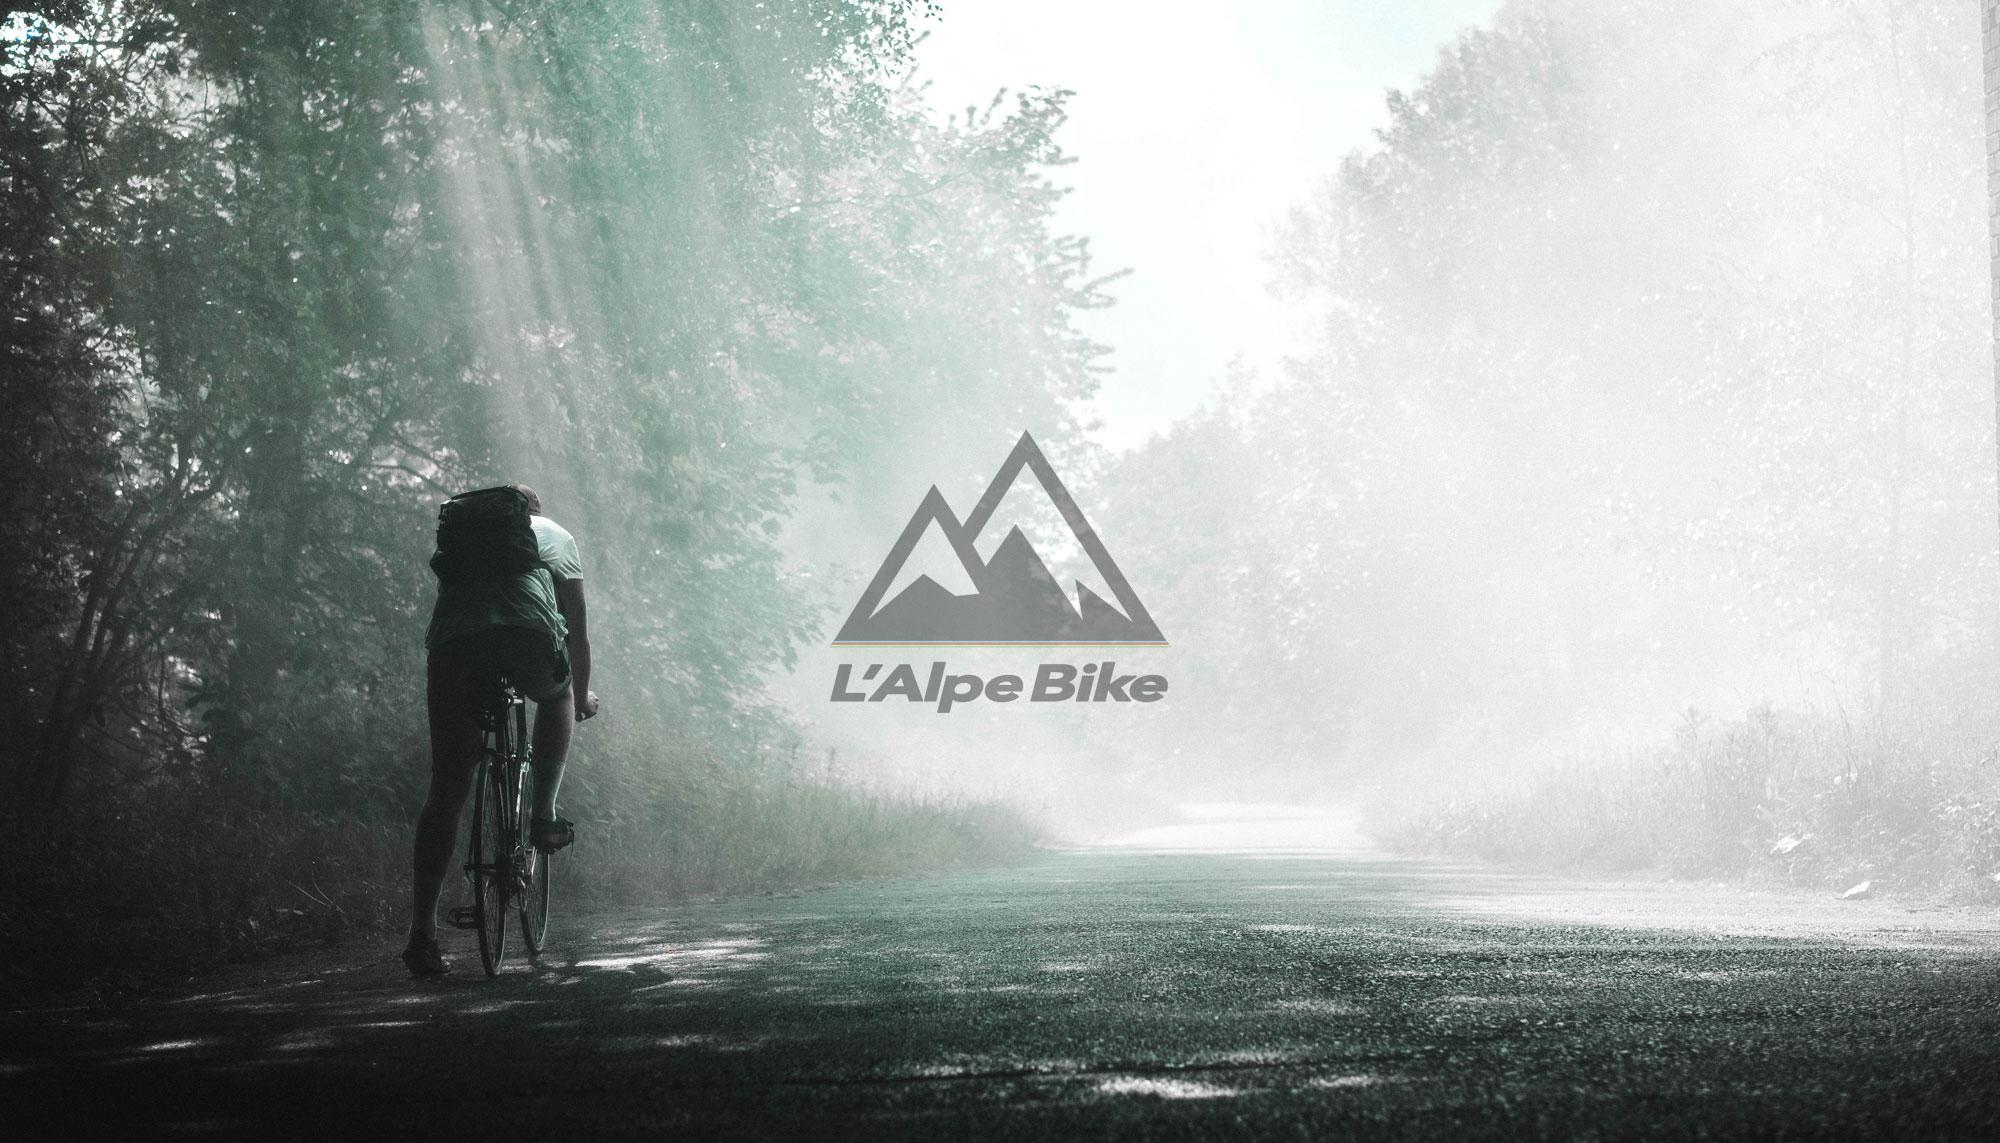 ラルプバイク